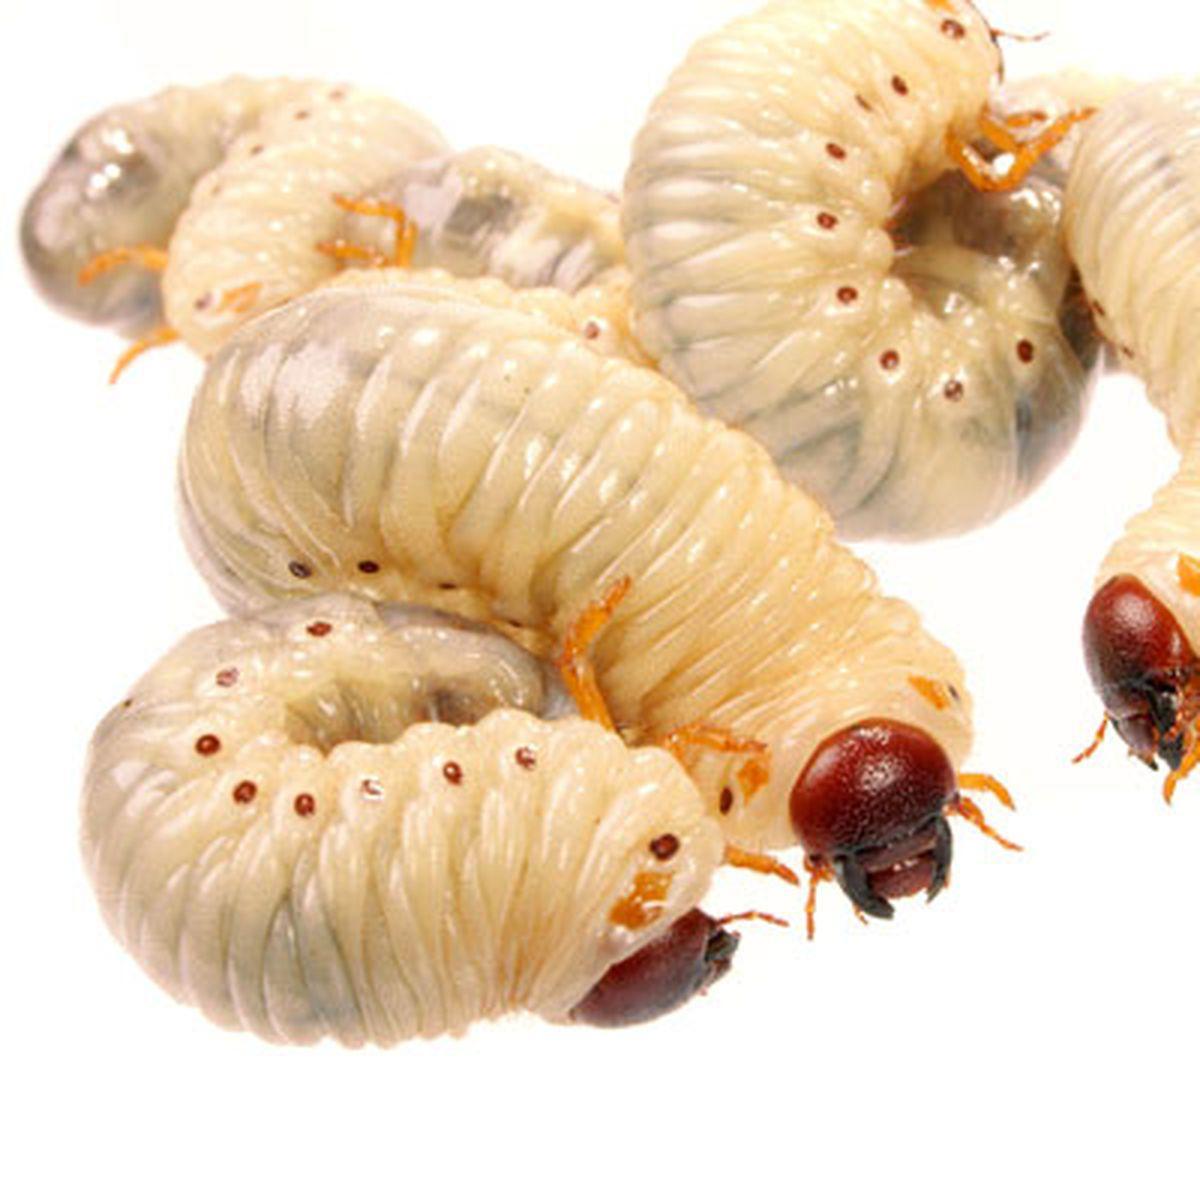 vierme cu copii parazitii beraria h